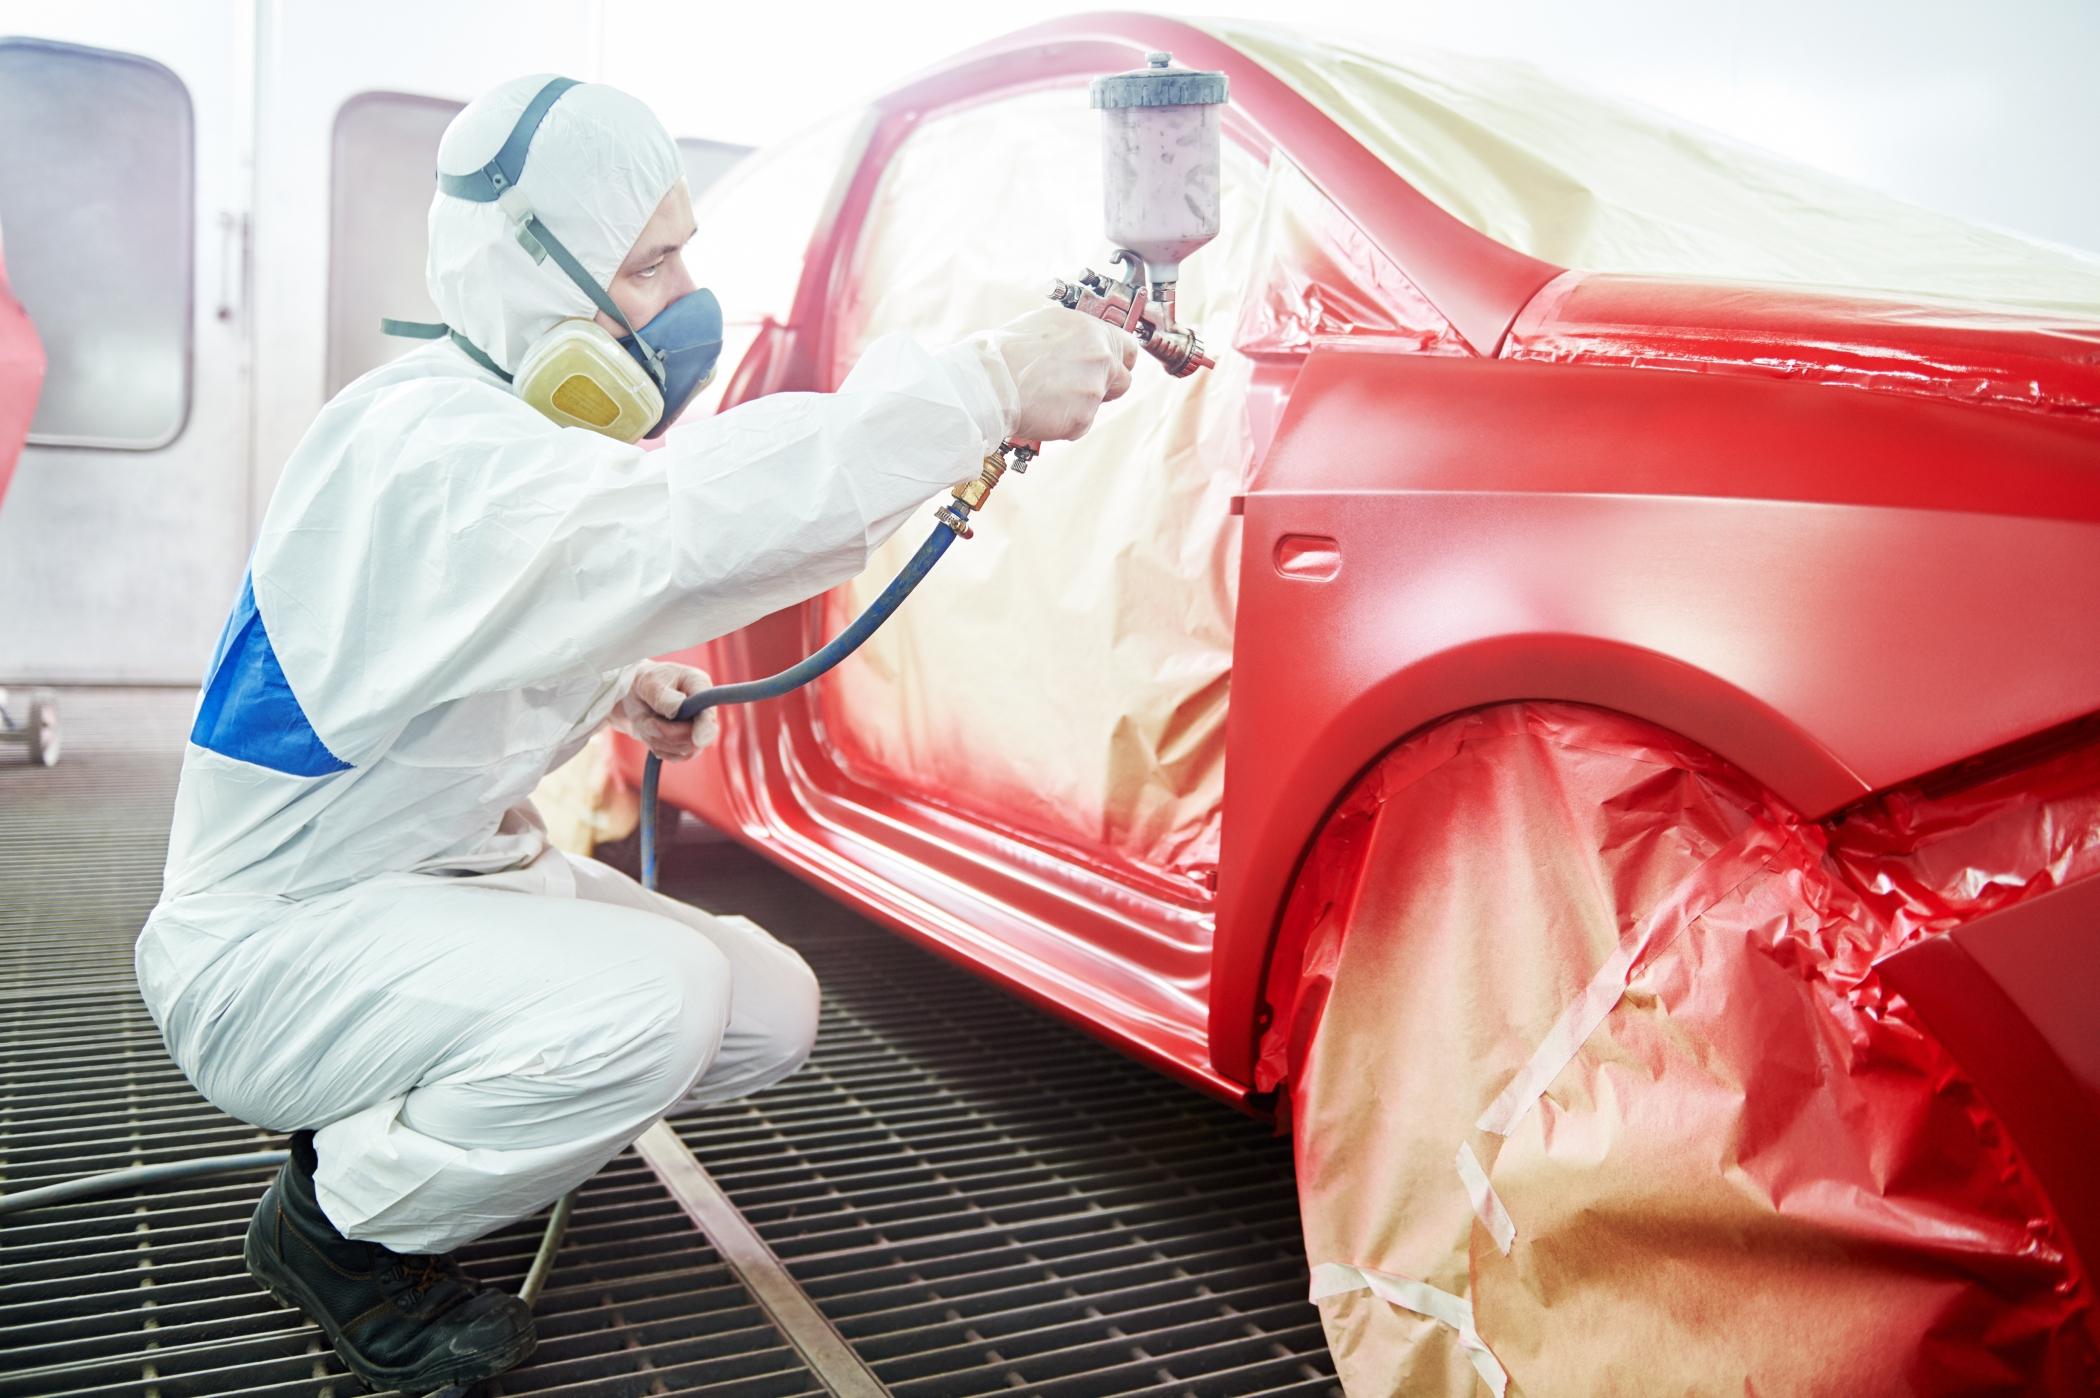 Ao se comprar um carro zero km, deve-se prestar muita atenção na pintura, para evitar problemas no futuro. Alguns serviços ou promessas podem ser picaretagem.